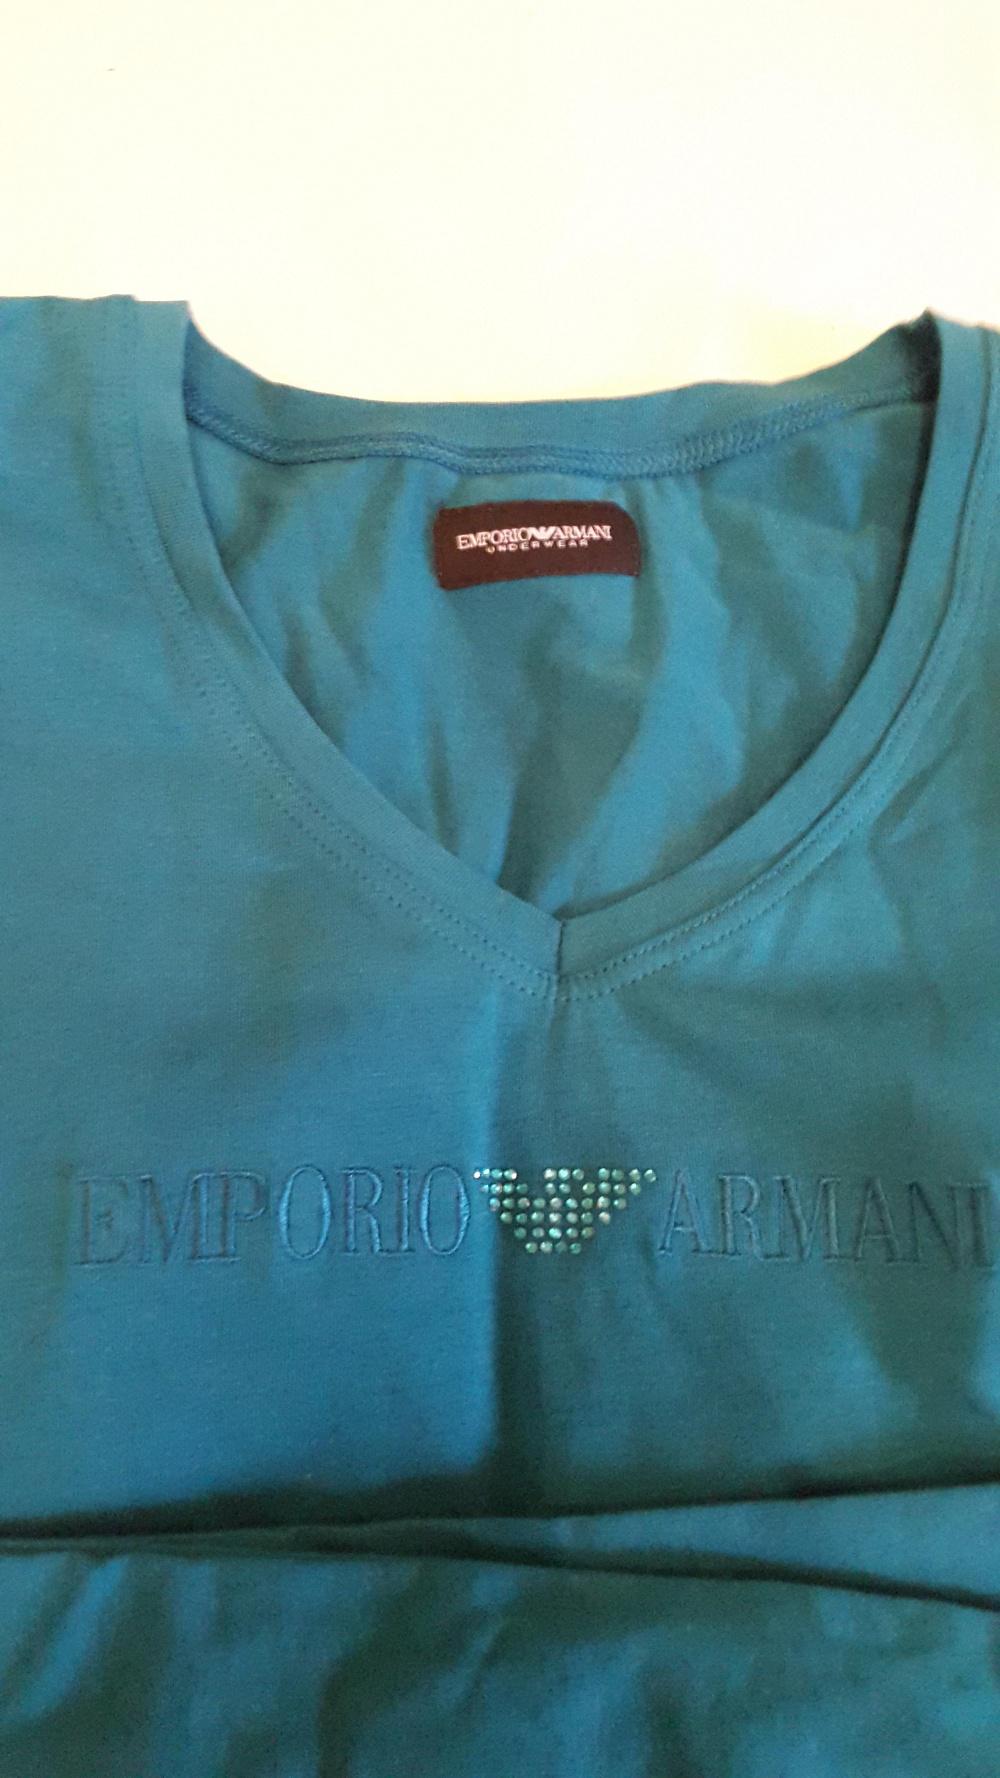 Пижама Emporio Armani размер M